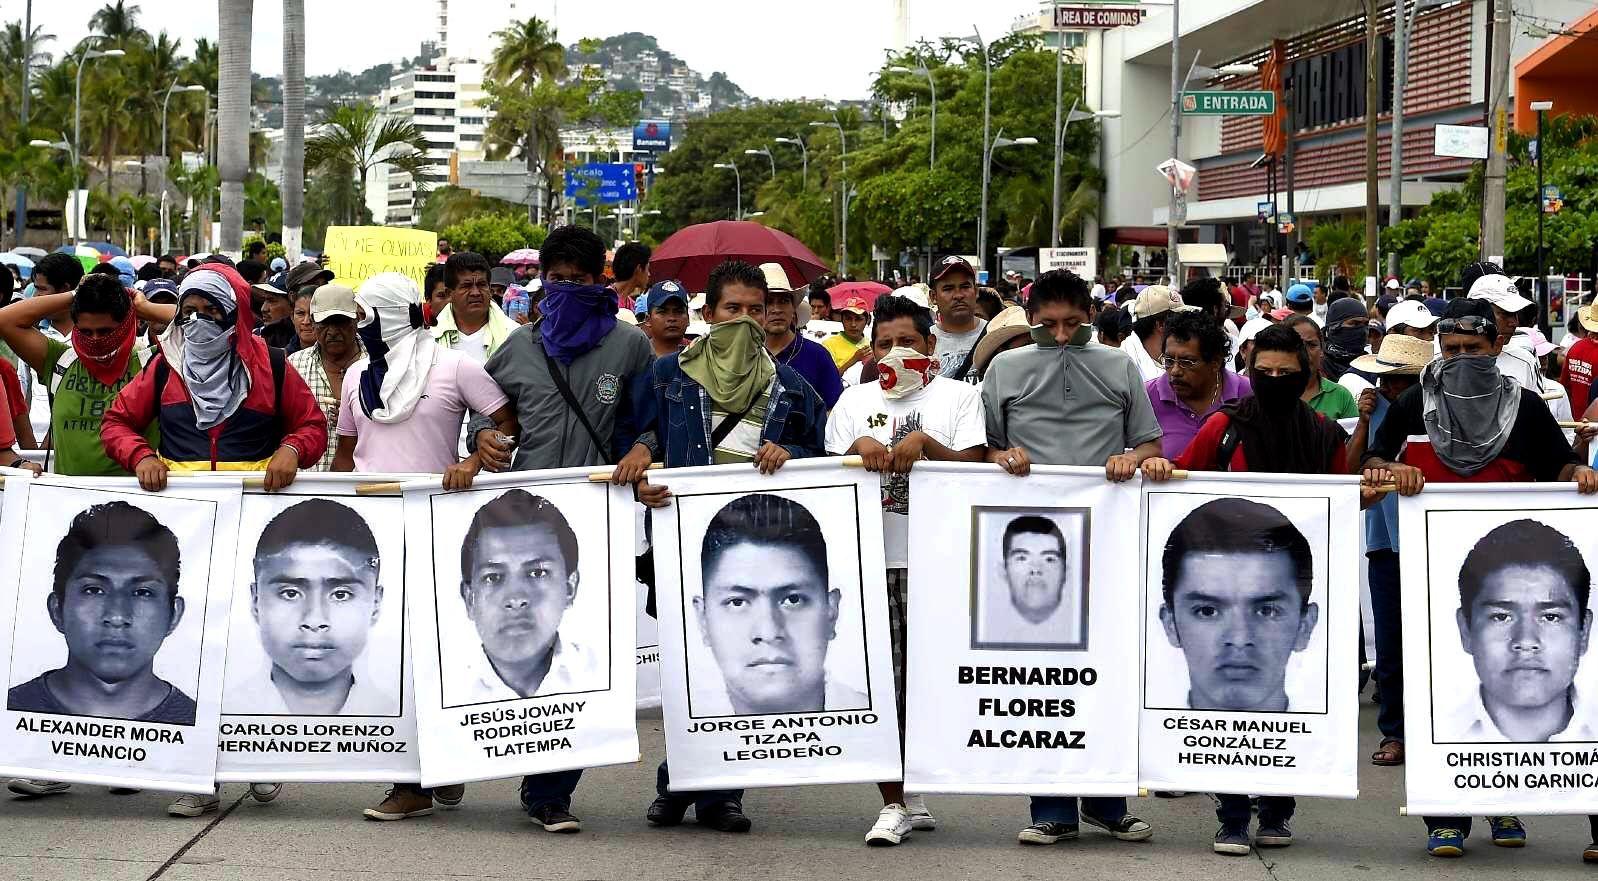 43 estudiantes desaparecidos en México fueron asesinados